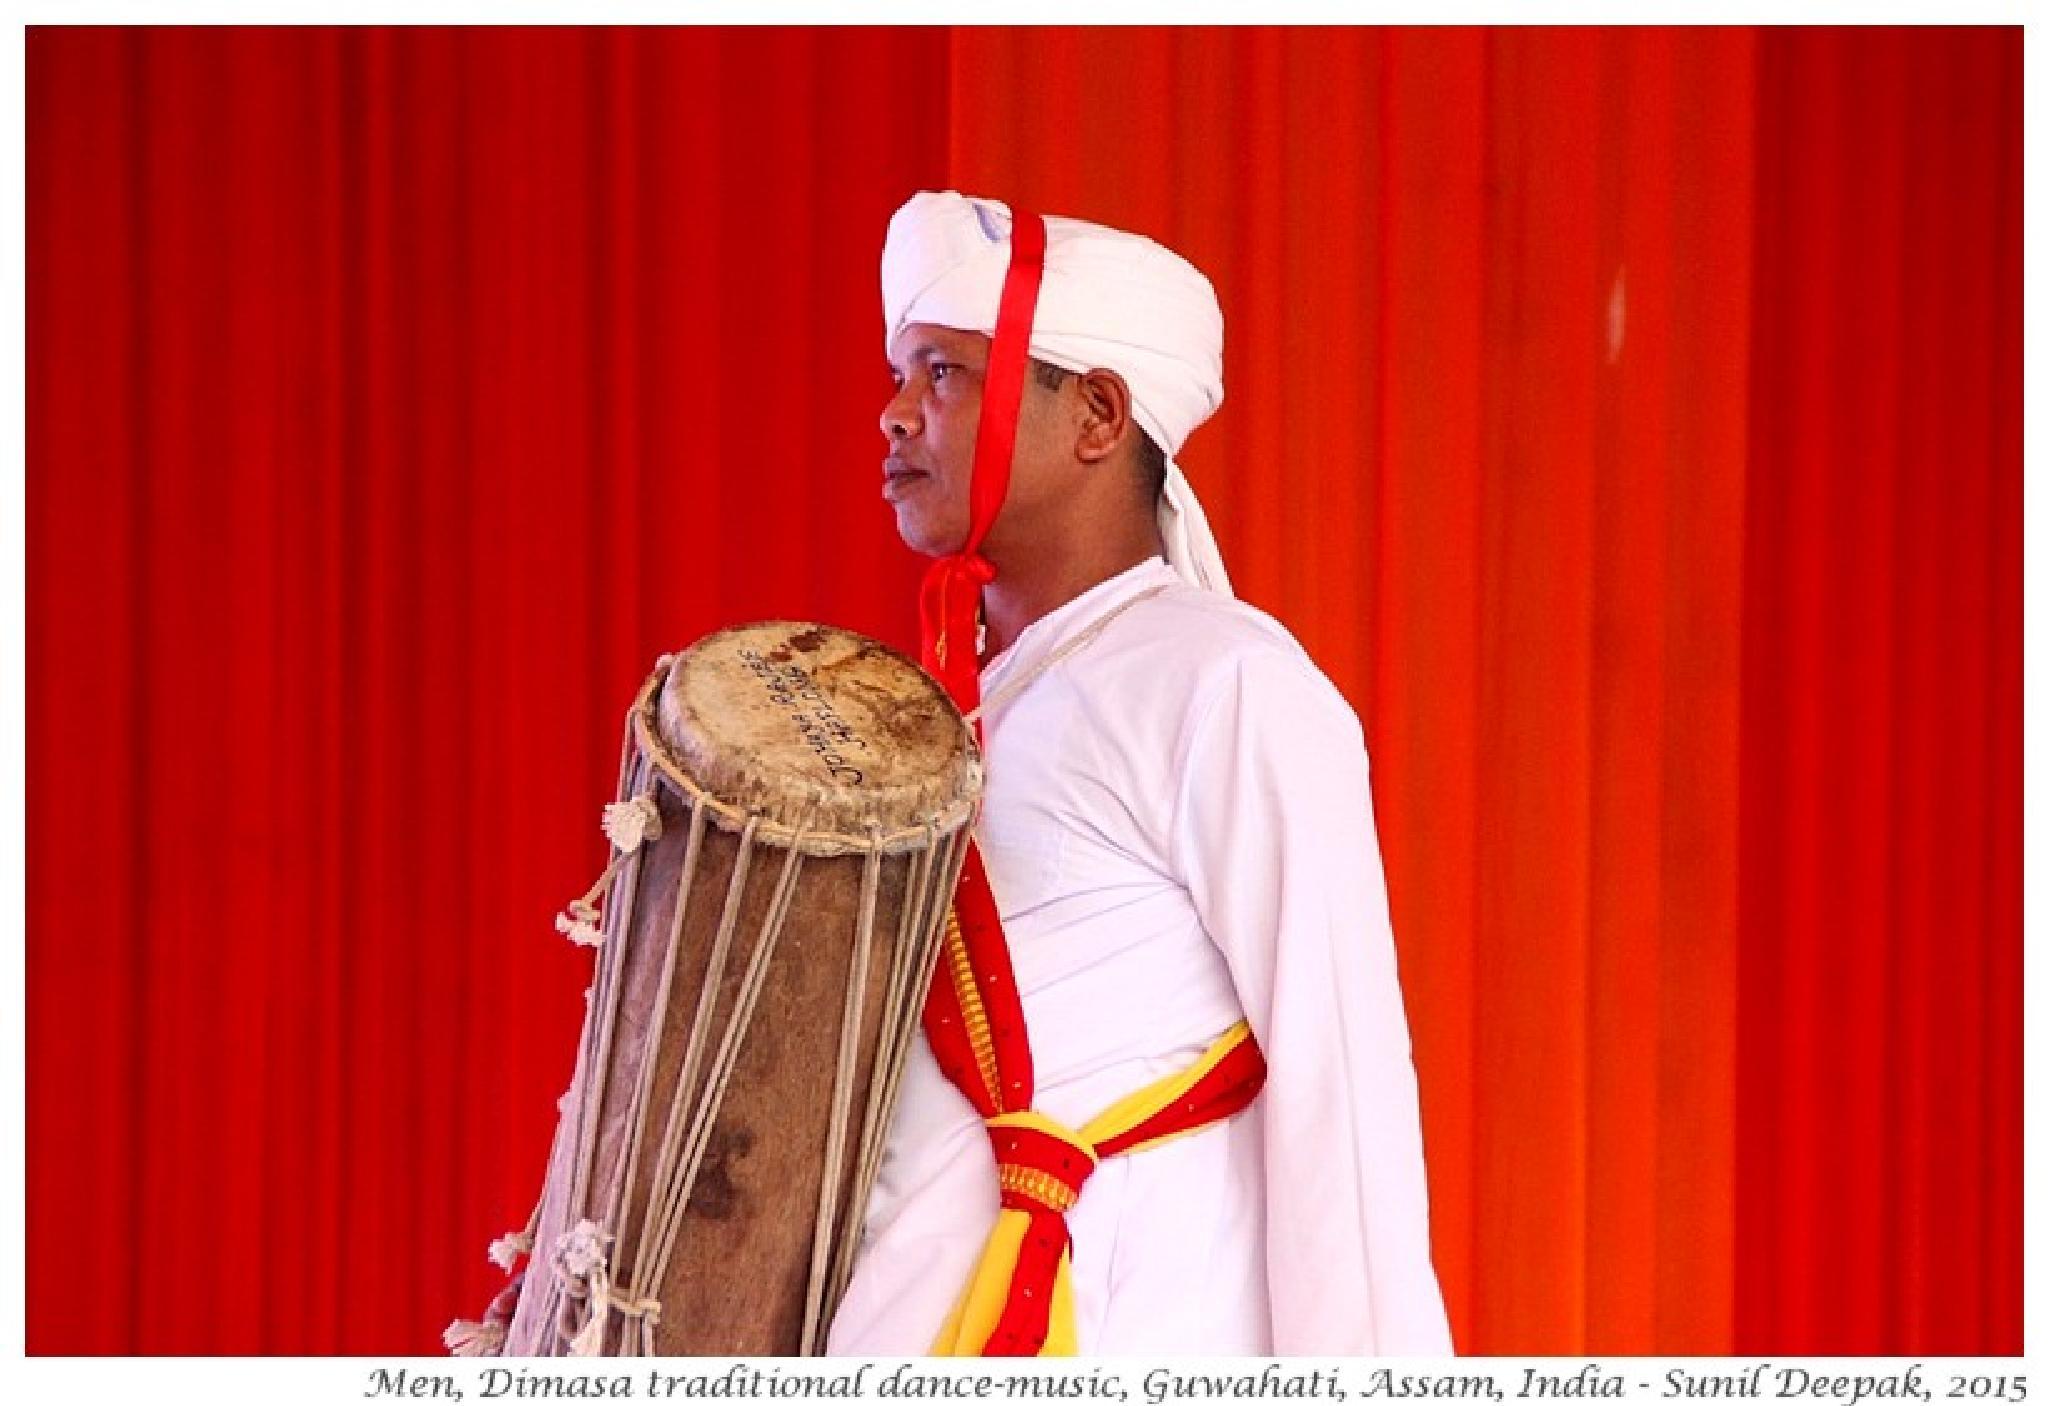 Dimasi drummer by Dr Sunil Deepak